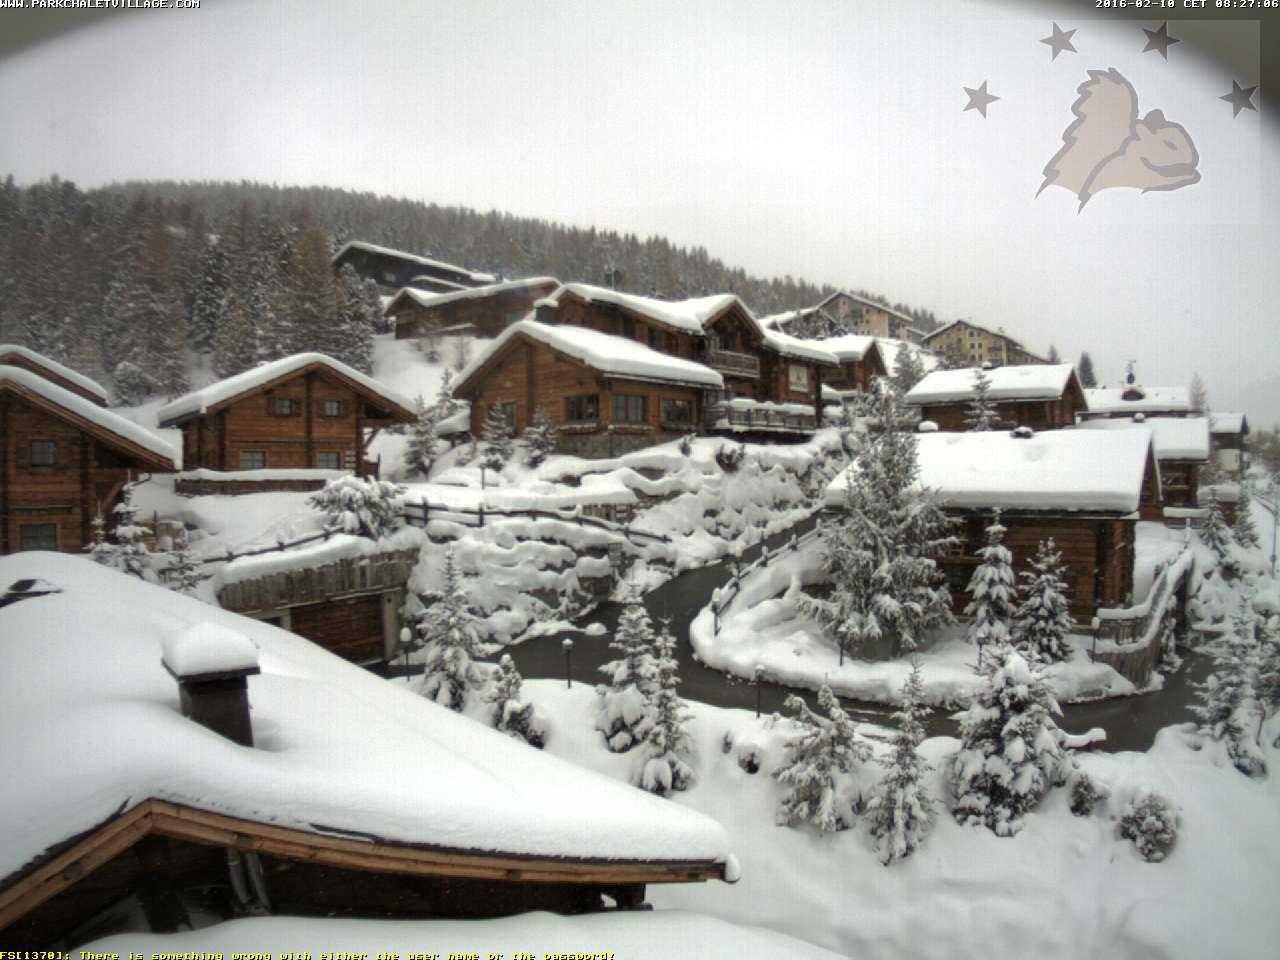 Alpi sommerse dalla neve, accumuli vicini al metro